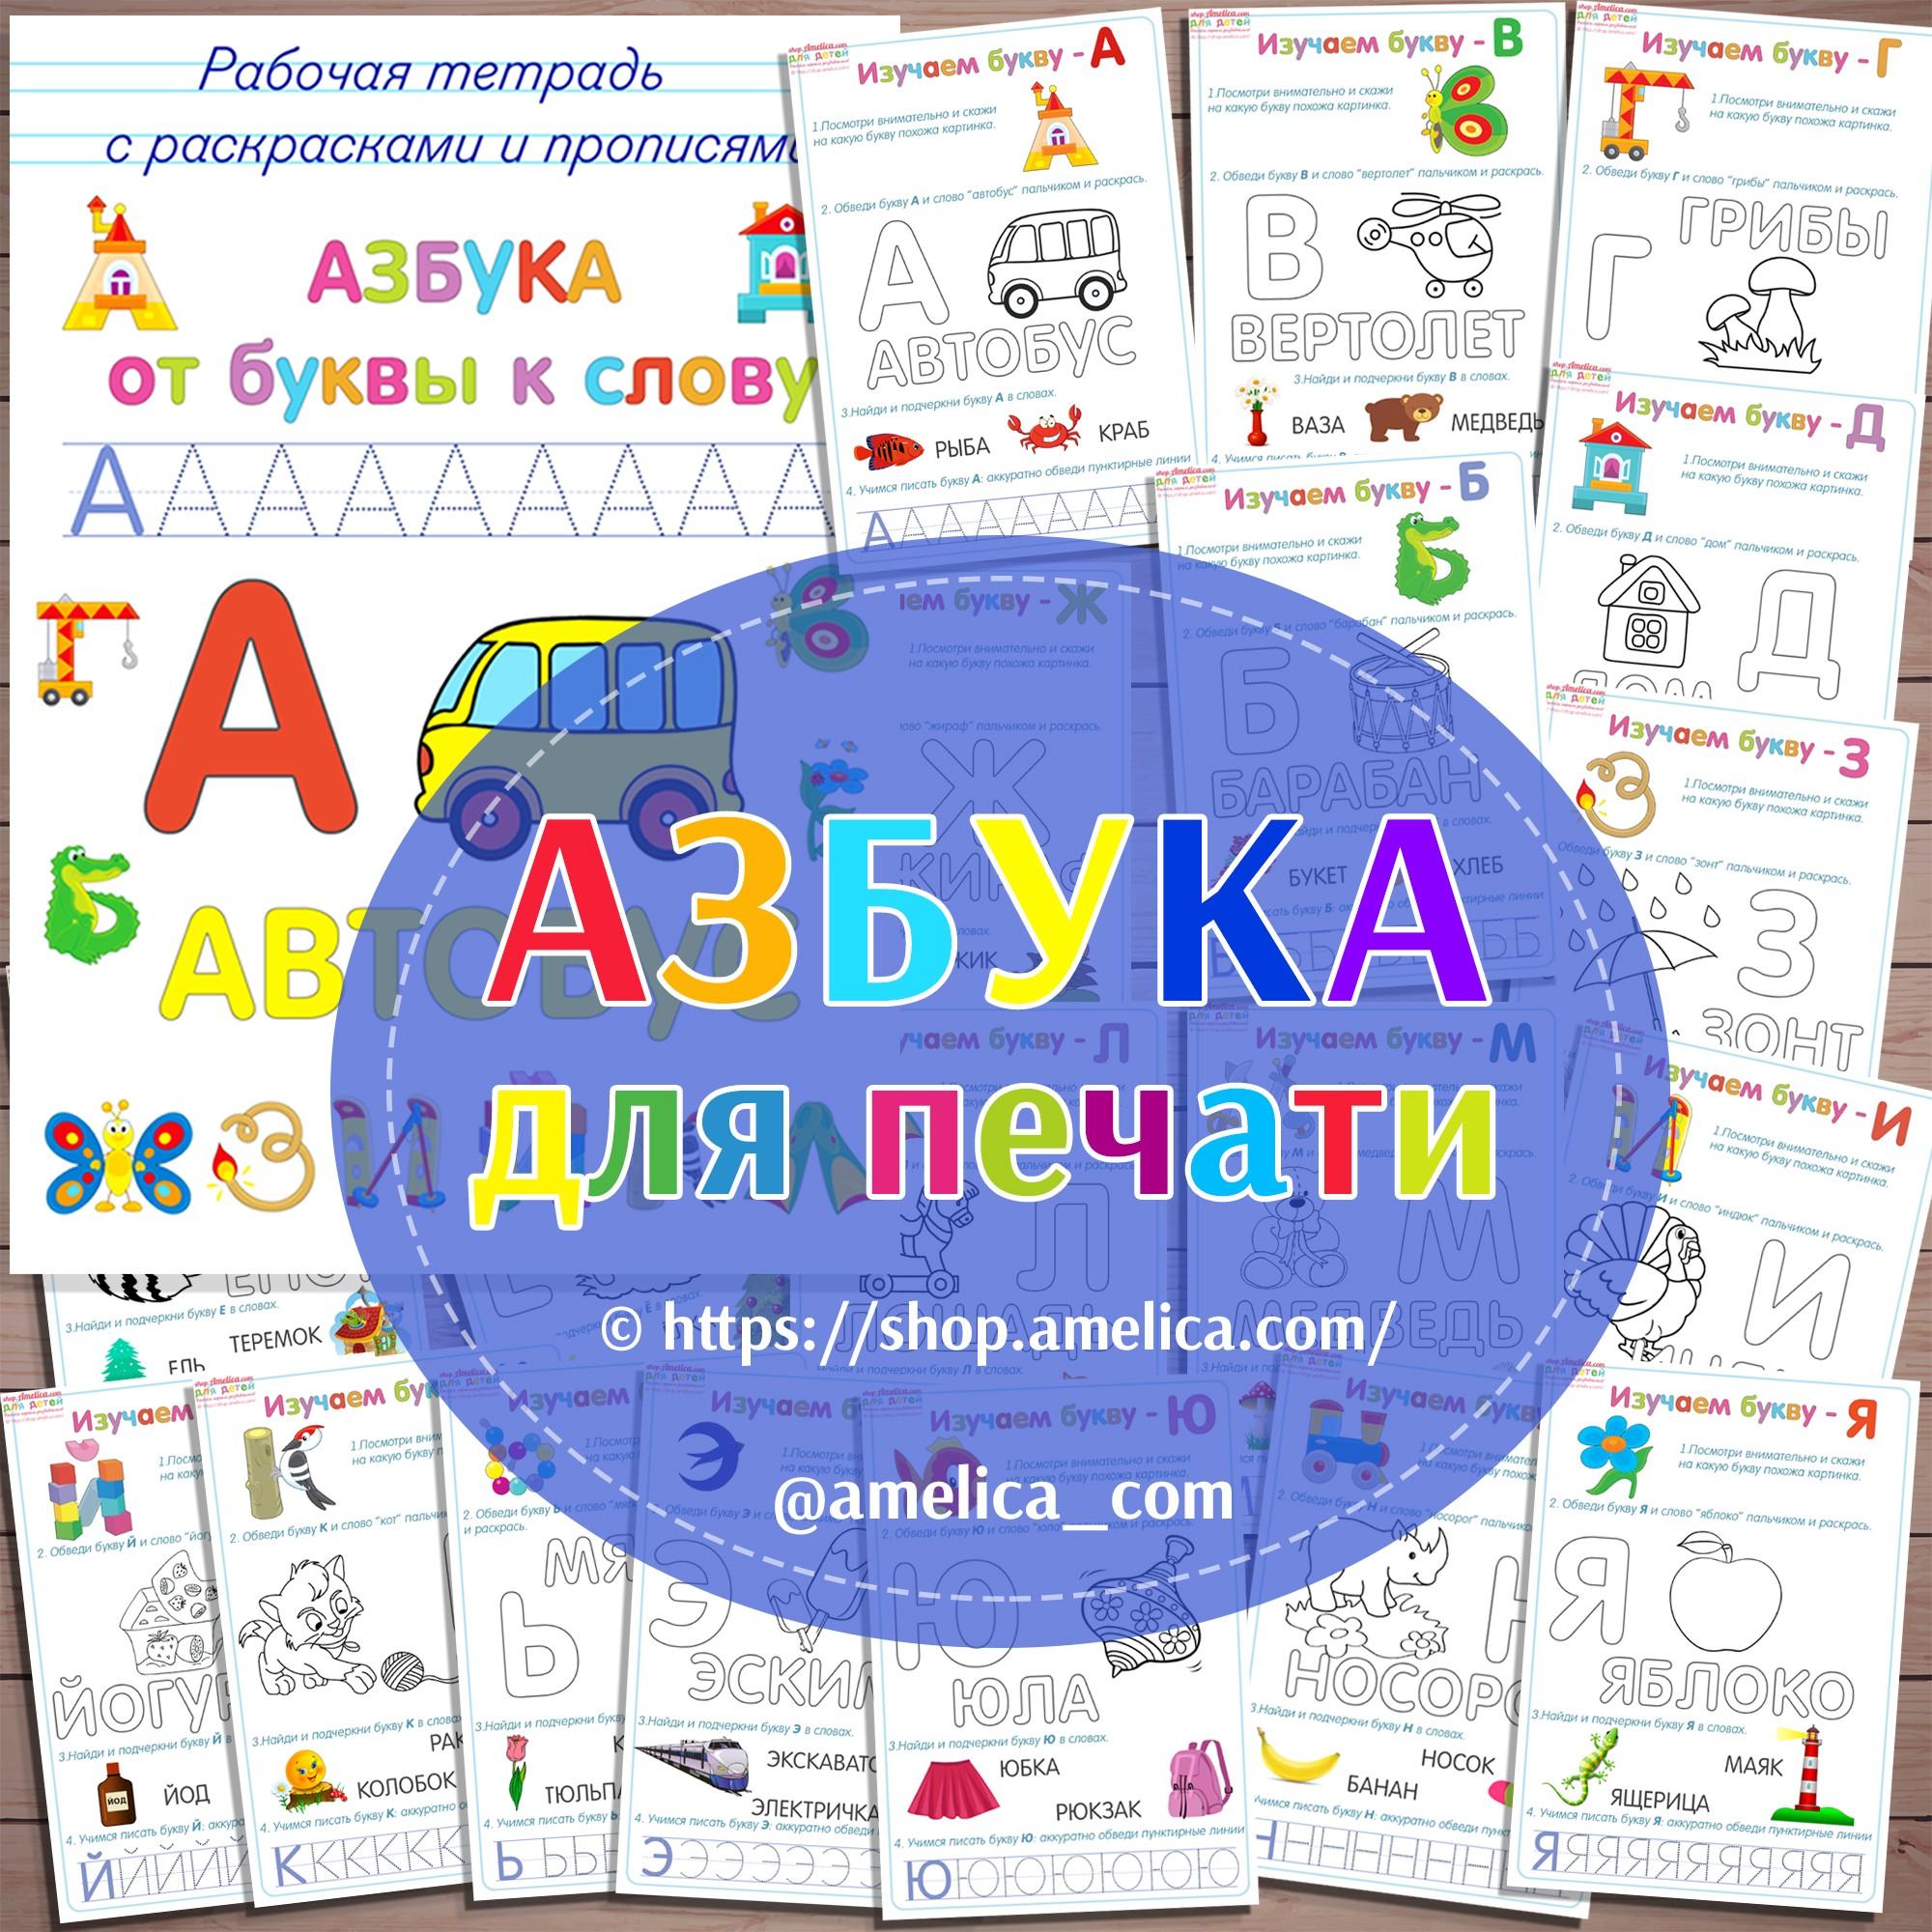 """АЗБУКА - Рабочая тетрадь для дошкольников """"Азбука от буквы к слову"""" для изучения букв алфавита с прописями и раскрасками"""